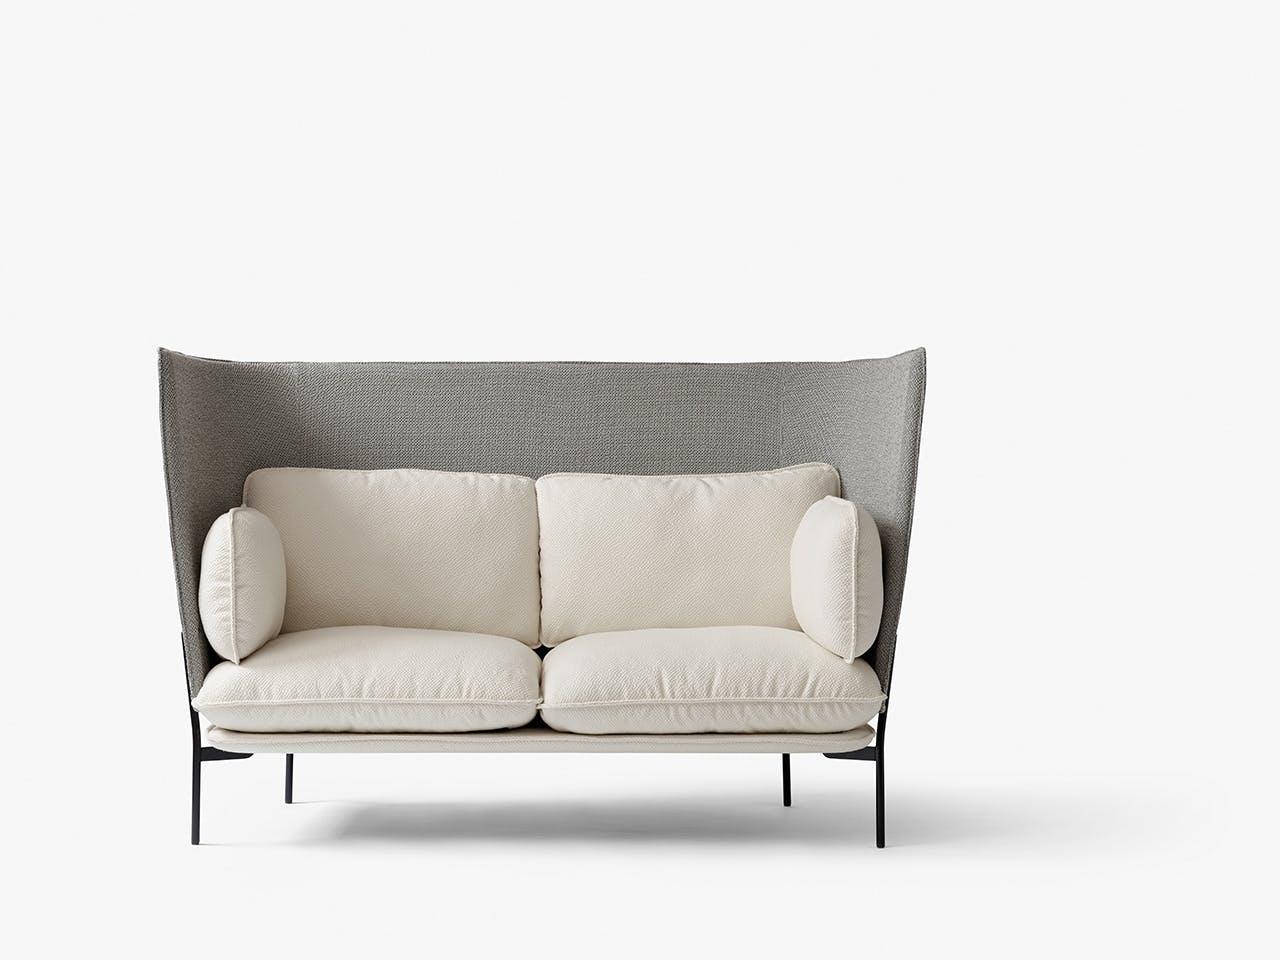 &tradition sofa med høj ryg i hvid og grå